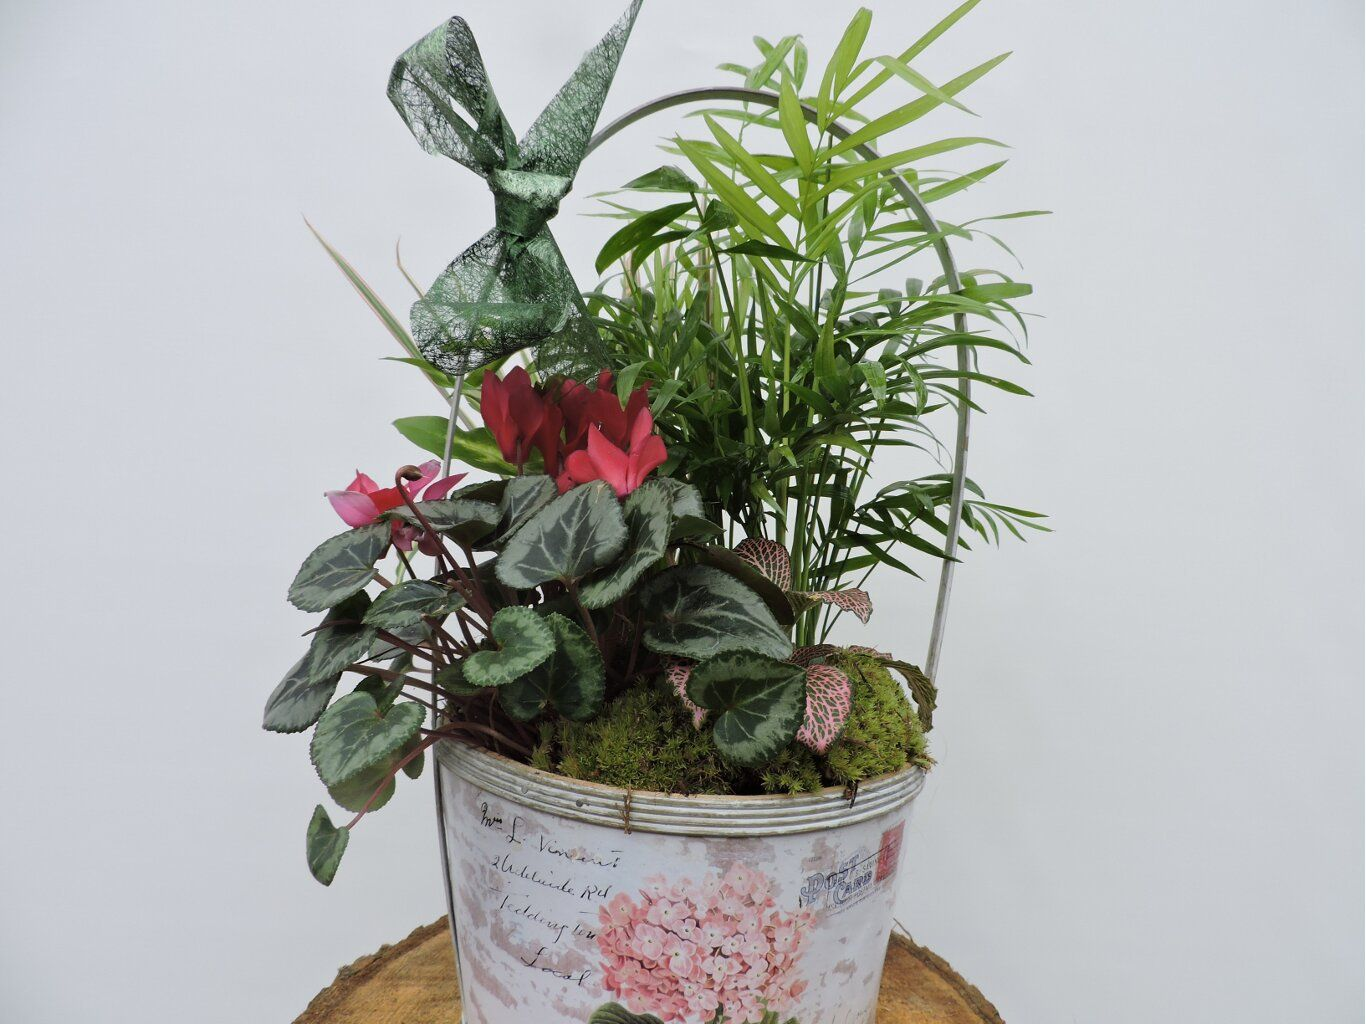 Centro de plantas de florister a joycar asociada a www - Pedestal para plantas ...